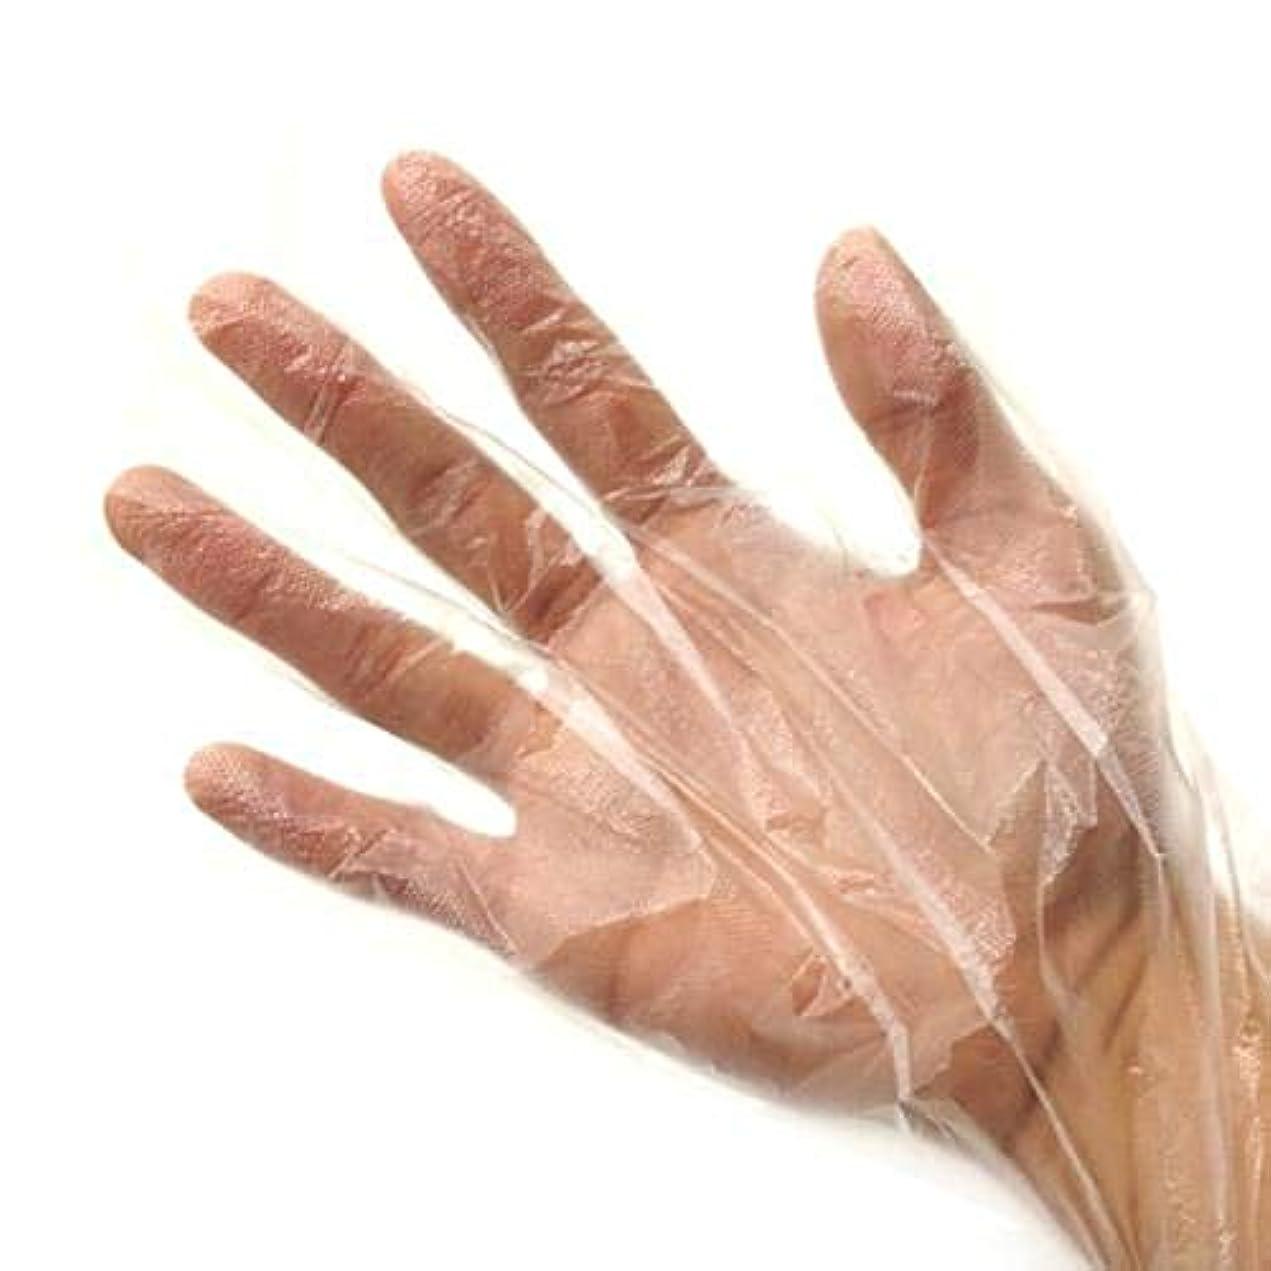 使い捨て手袋 極薄ビニール手袋 調理 透明 実用 衛生 100枚入